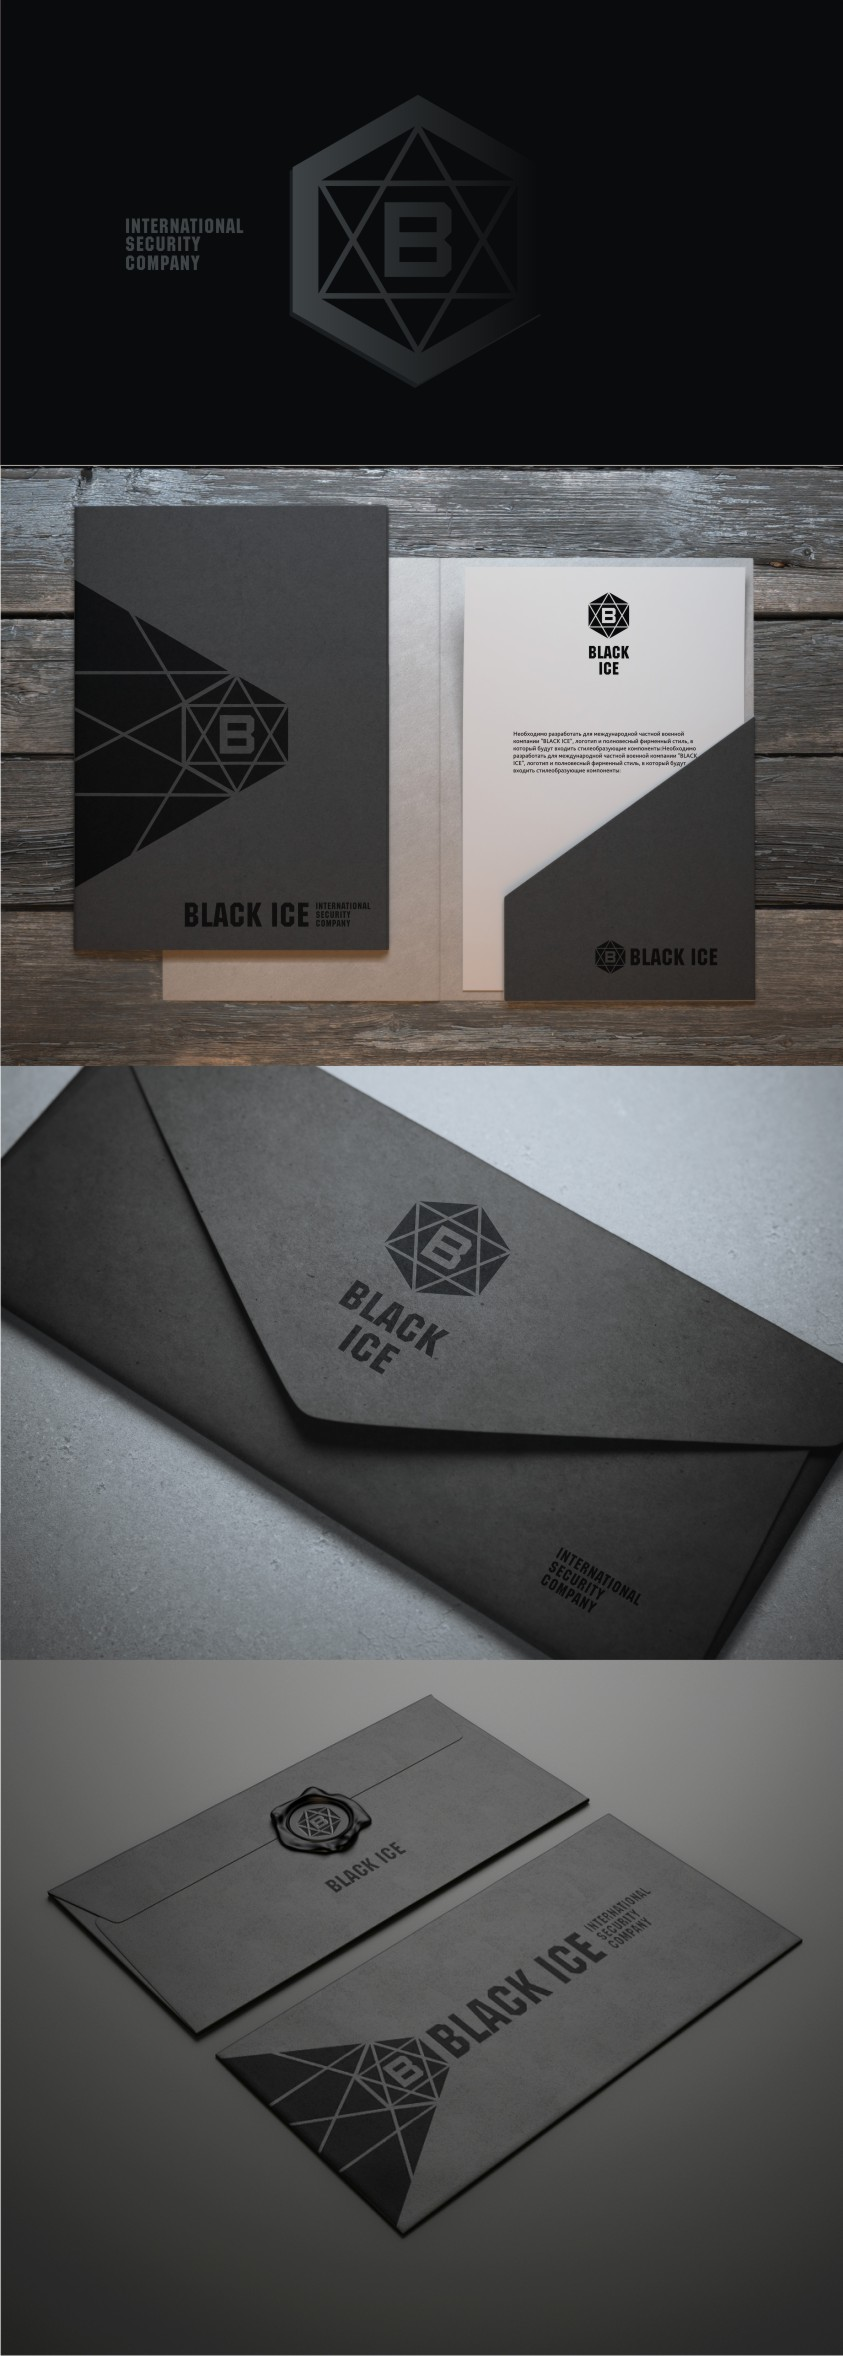 """Логотип + Фирменный стиль для компании """"BLACK ICE"""" фото f_29256e44d7b0f28d.jpg"""